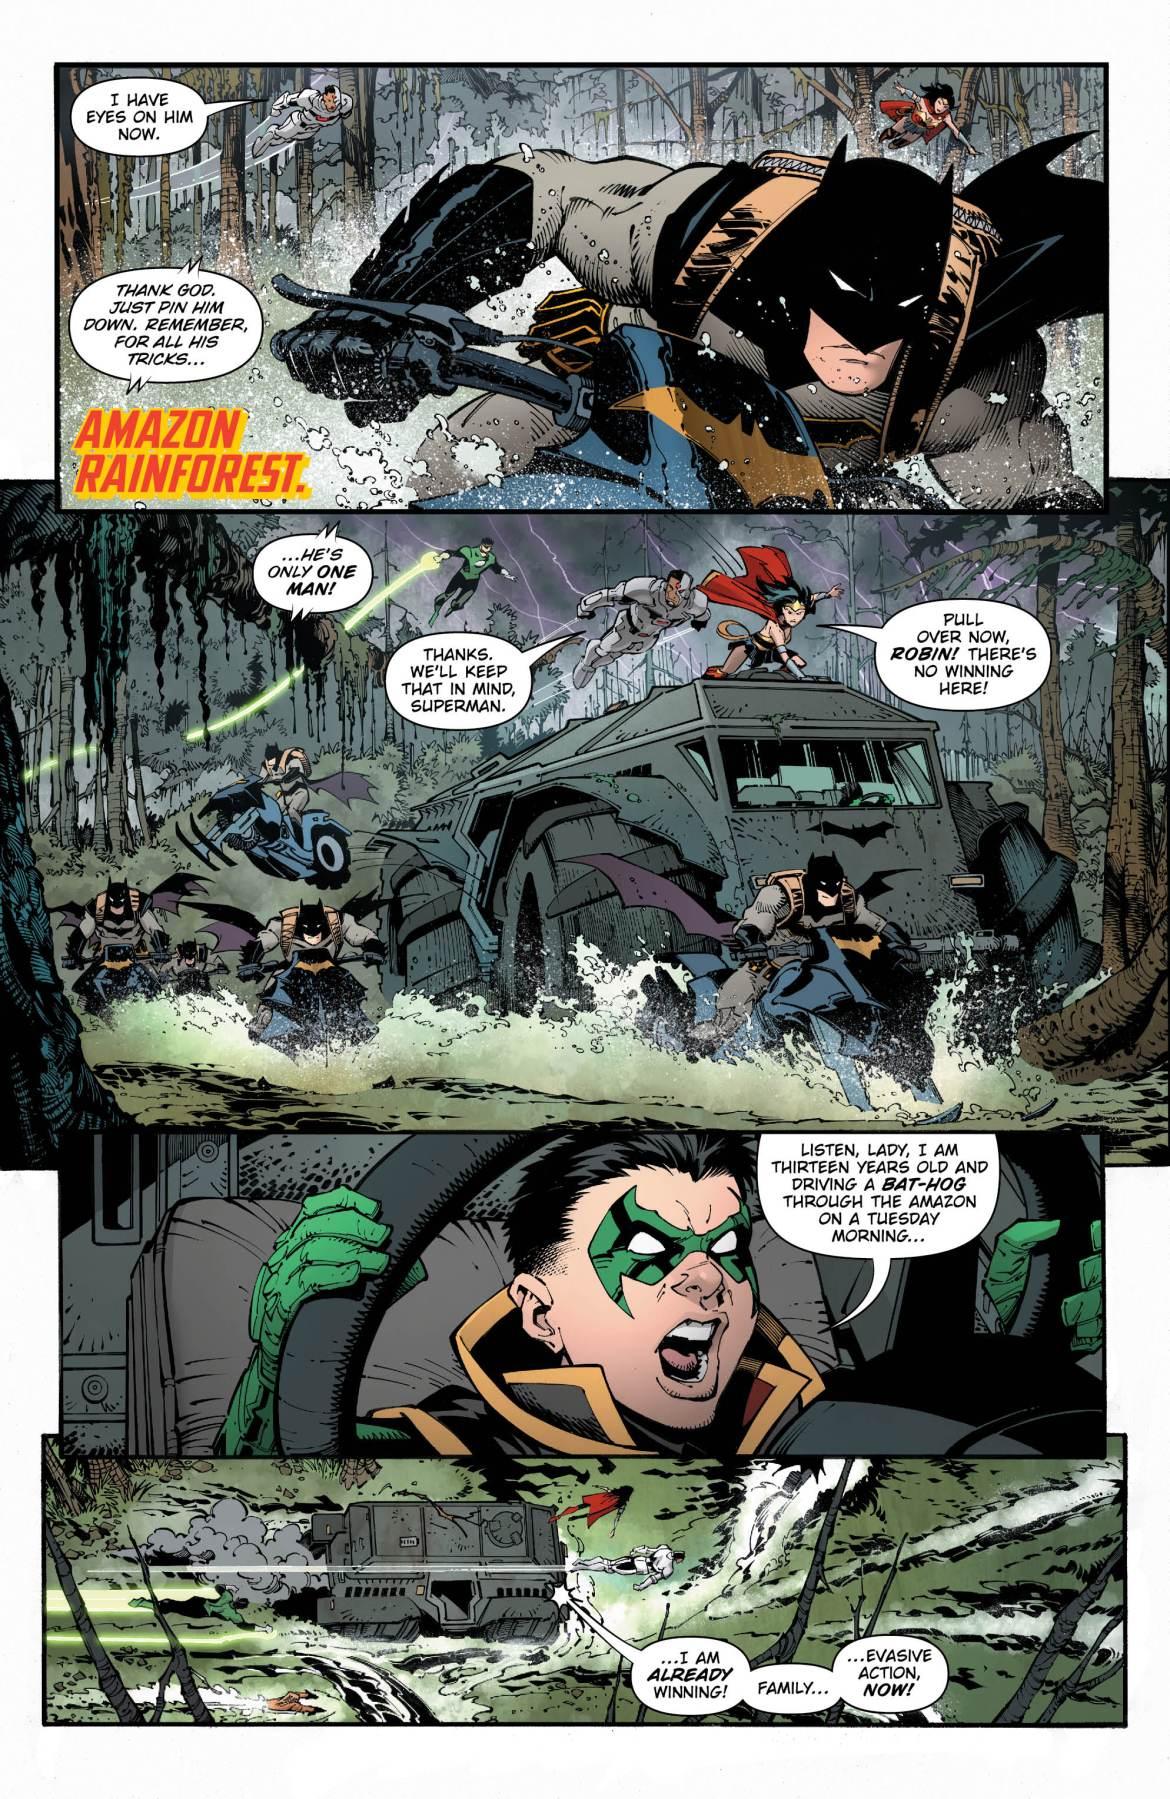 Metal 2 - Page 3 - DC Comics News